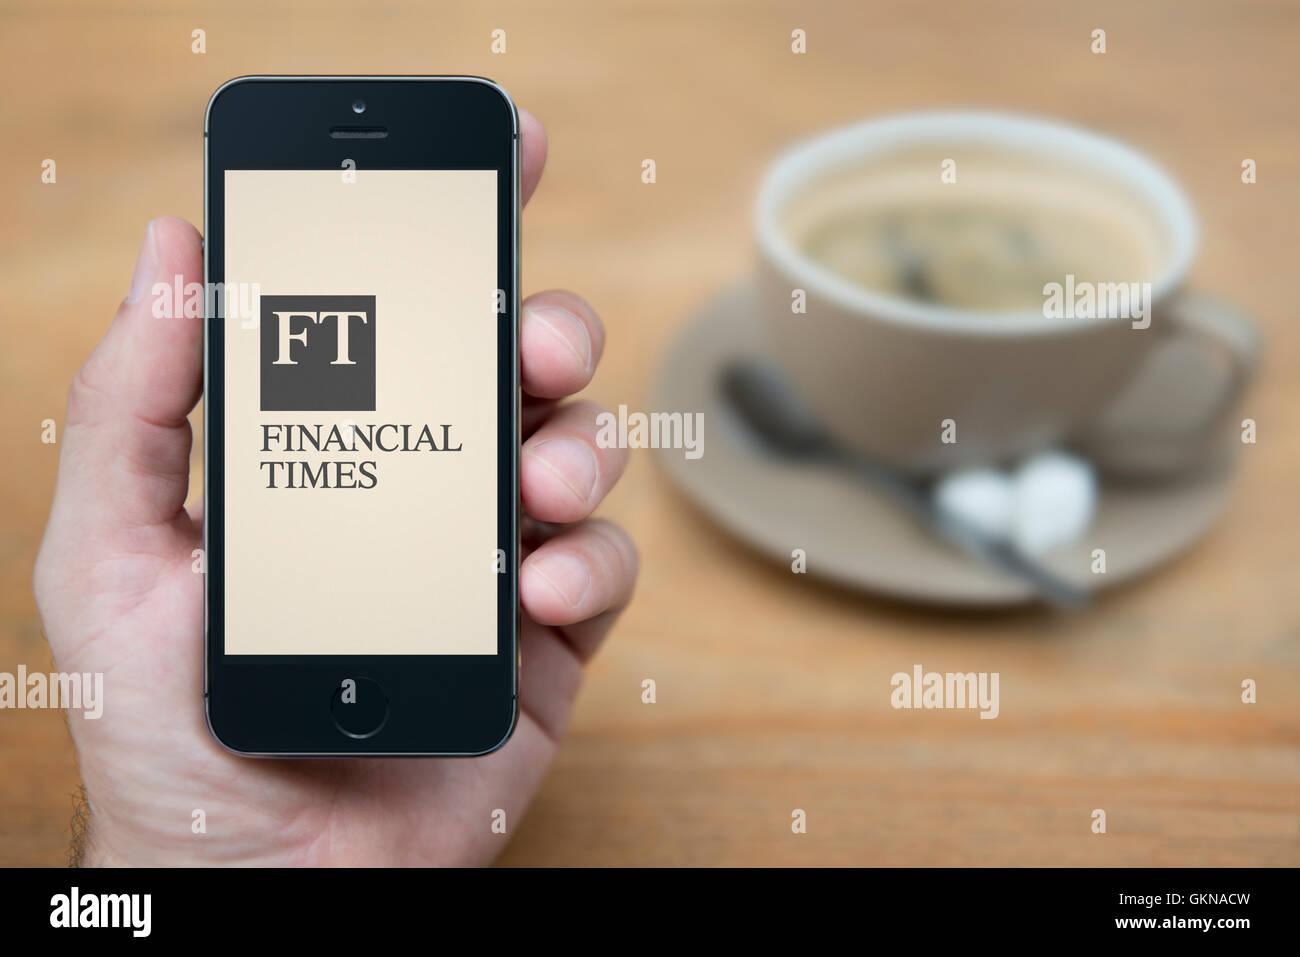 Ein Mann schaut auf seinem iPhone die Financial Times-Logo anzeigt, während mit einer Tasse Kaffee (nur zur Stockbild